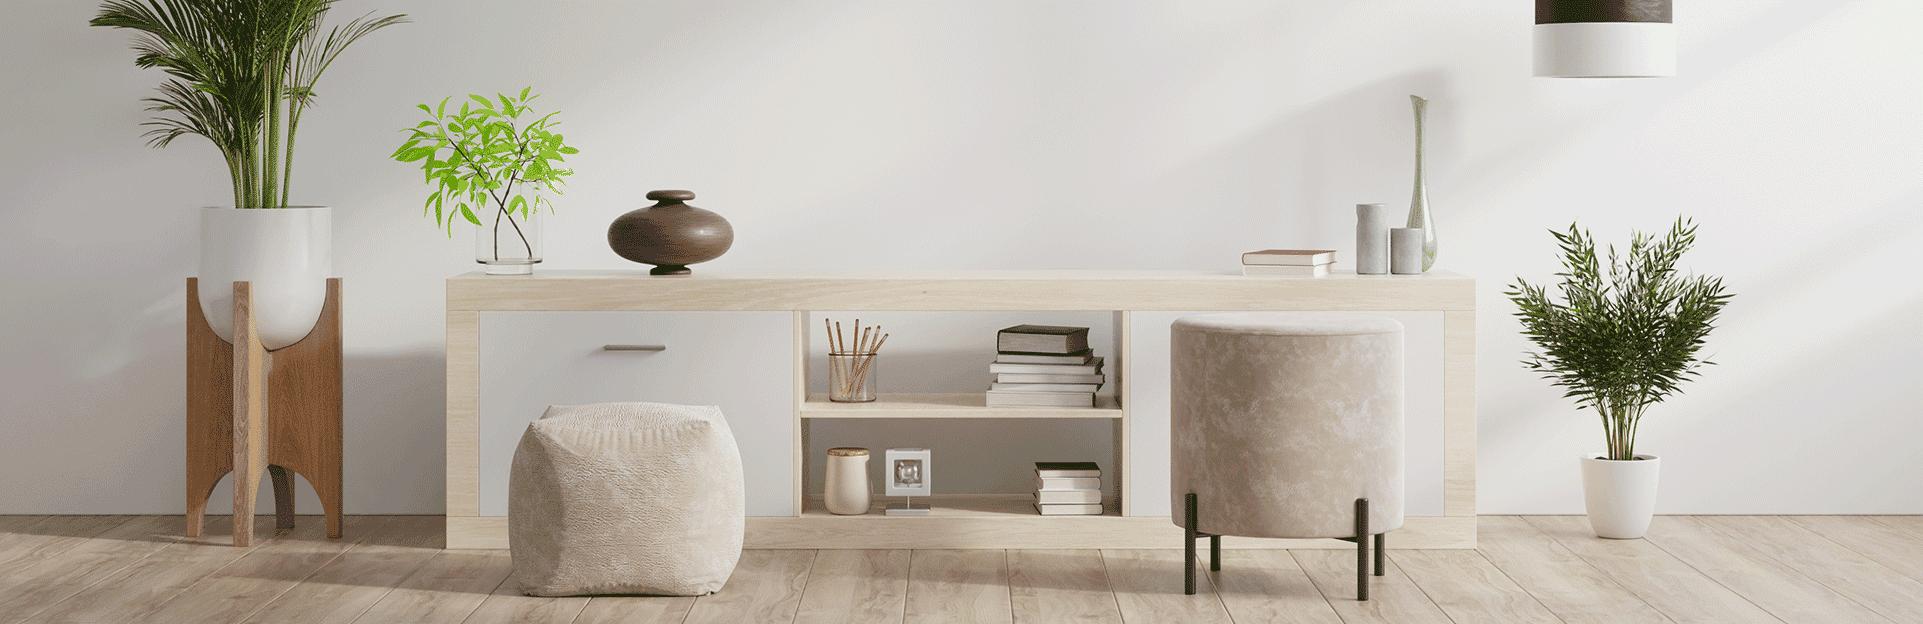 LTTR-Furniture